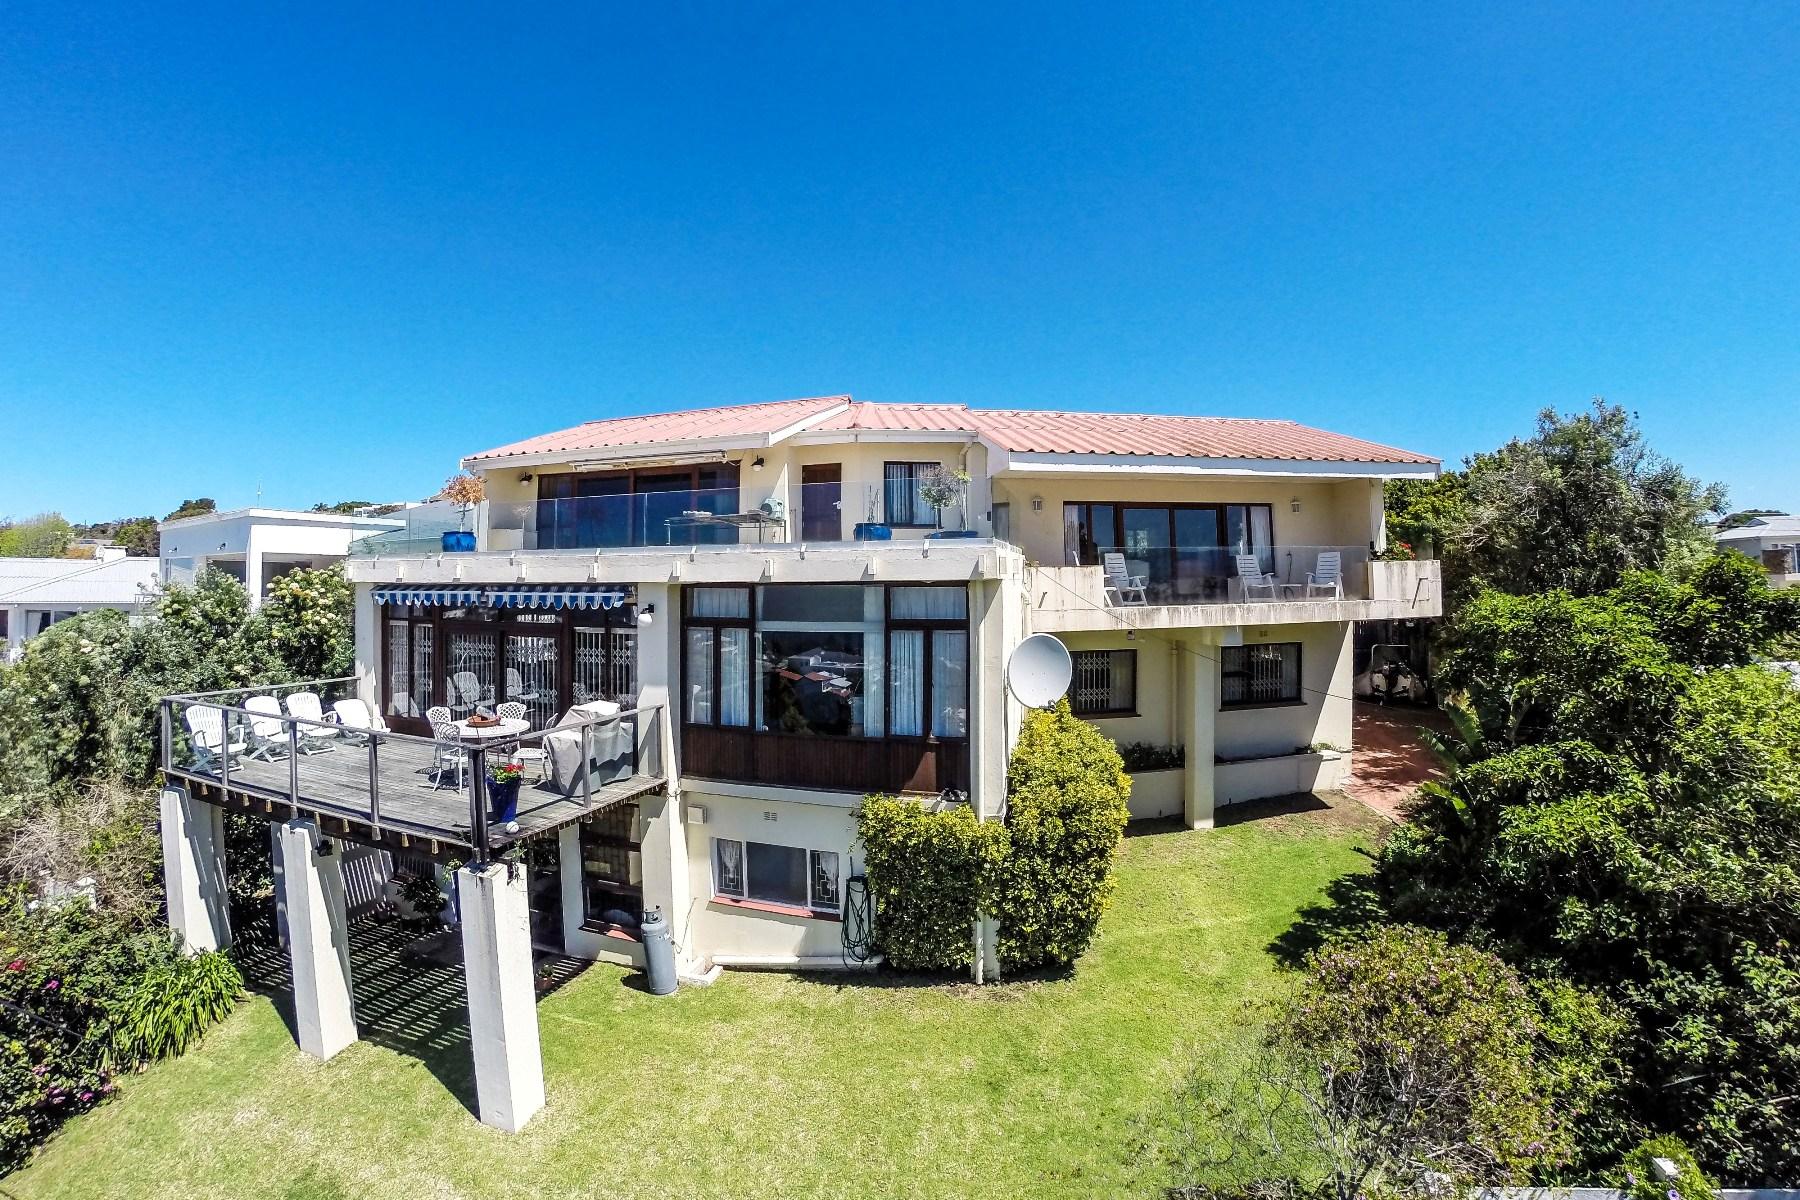 Casa para uma família para Venda às Old Plett panoramic sea view home Plettenberg Bay, Western Cape, 6600 África Do Sul